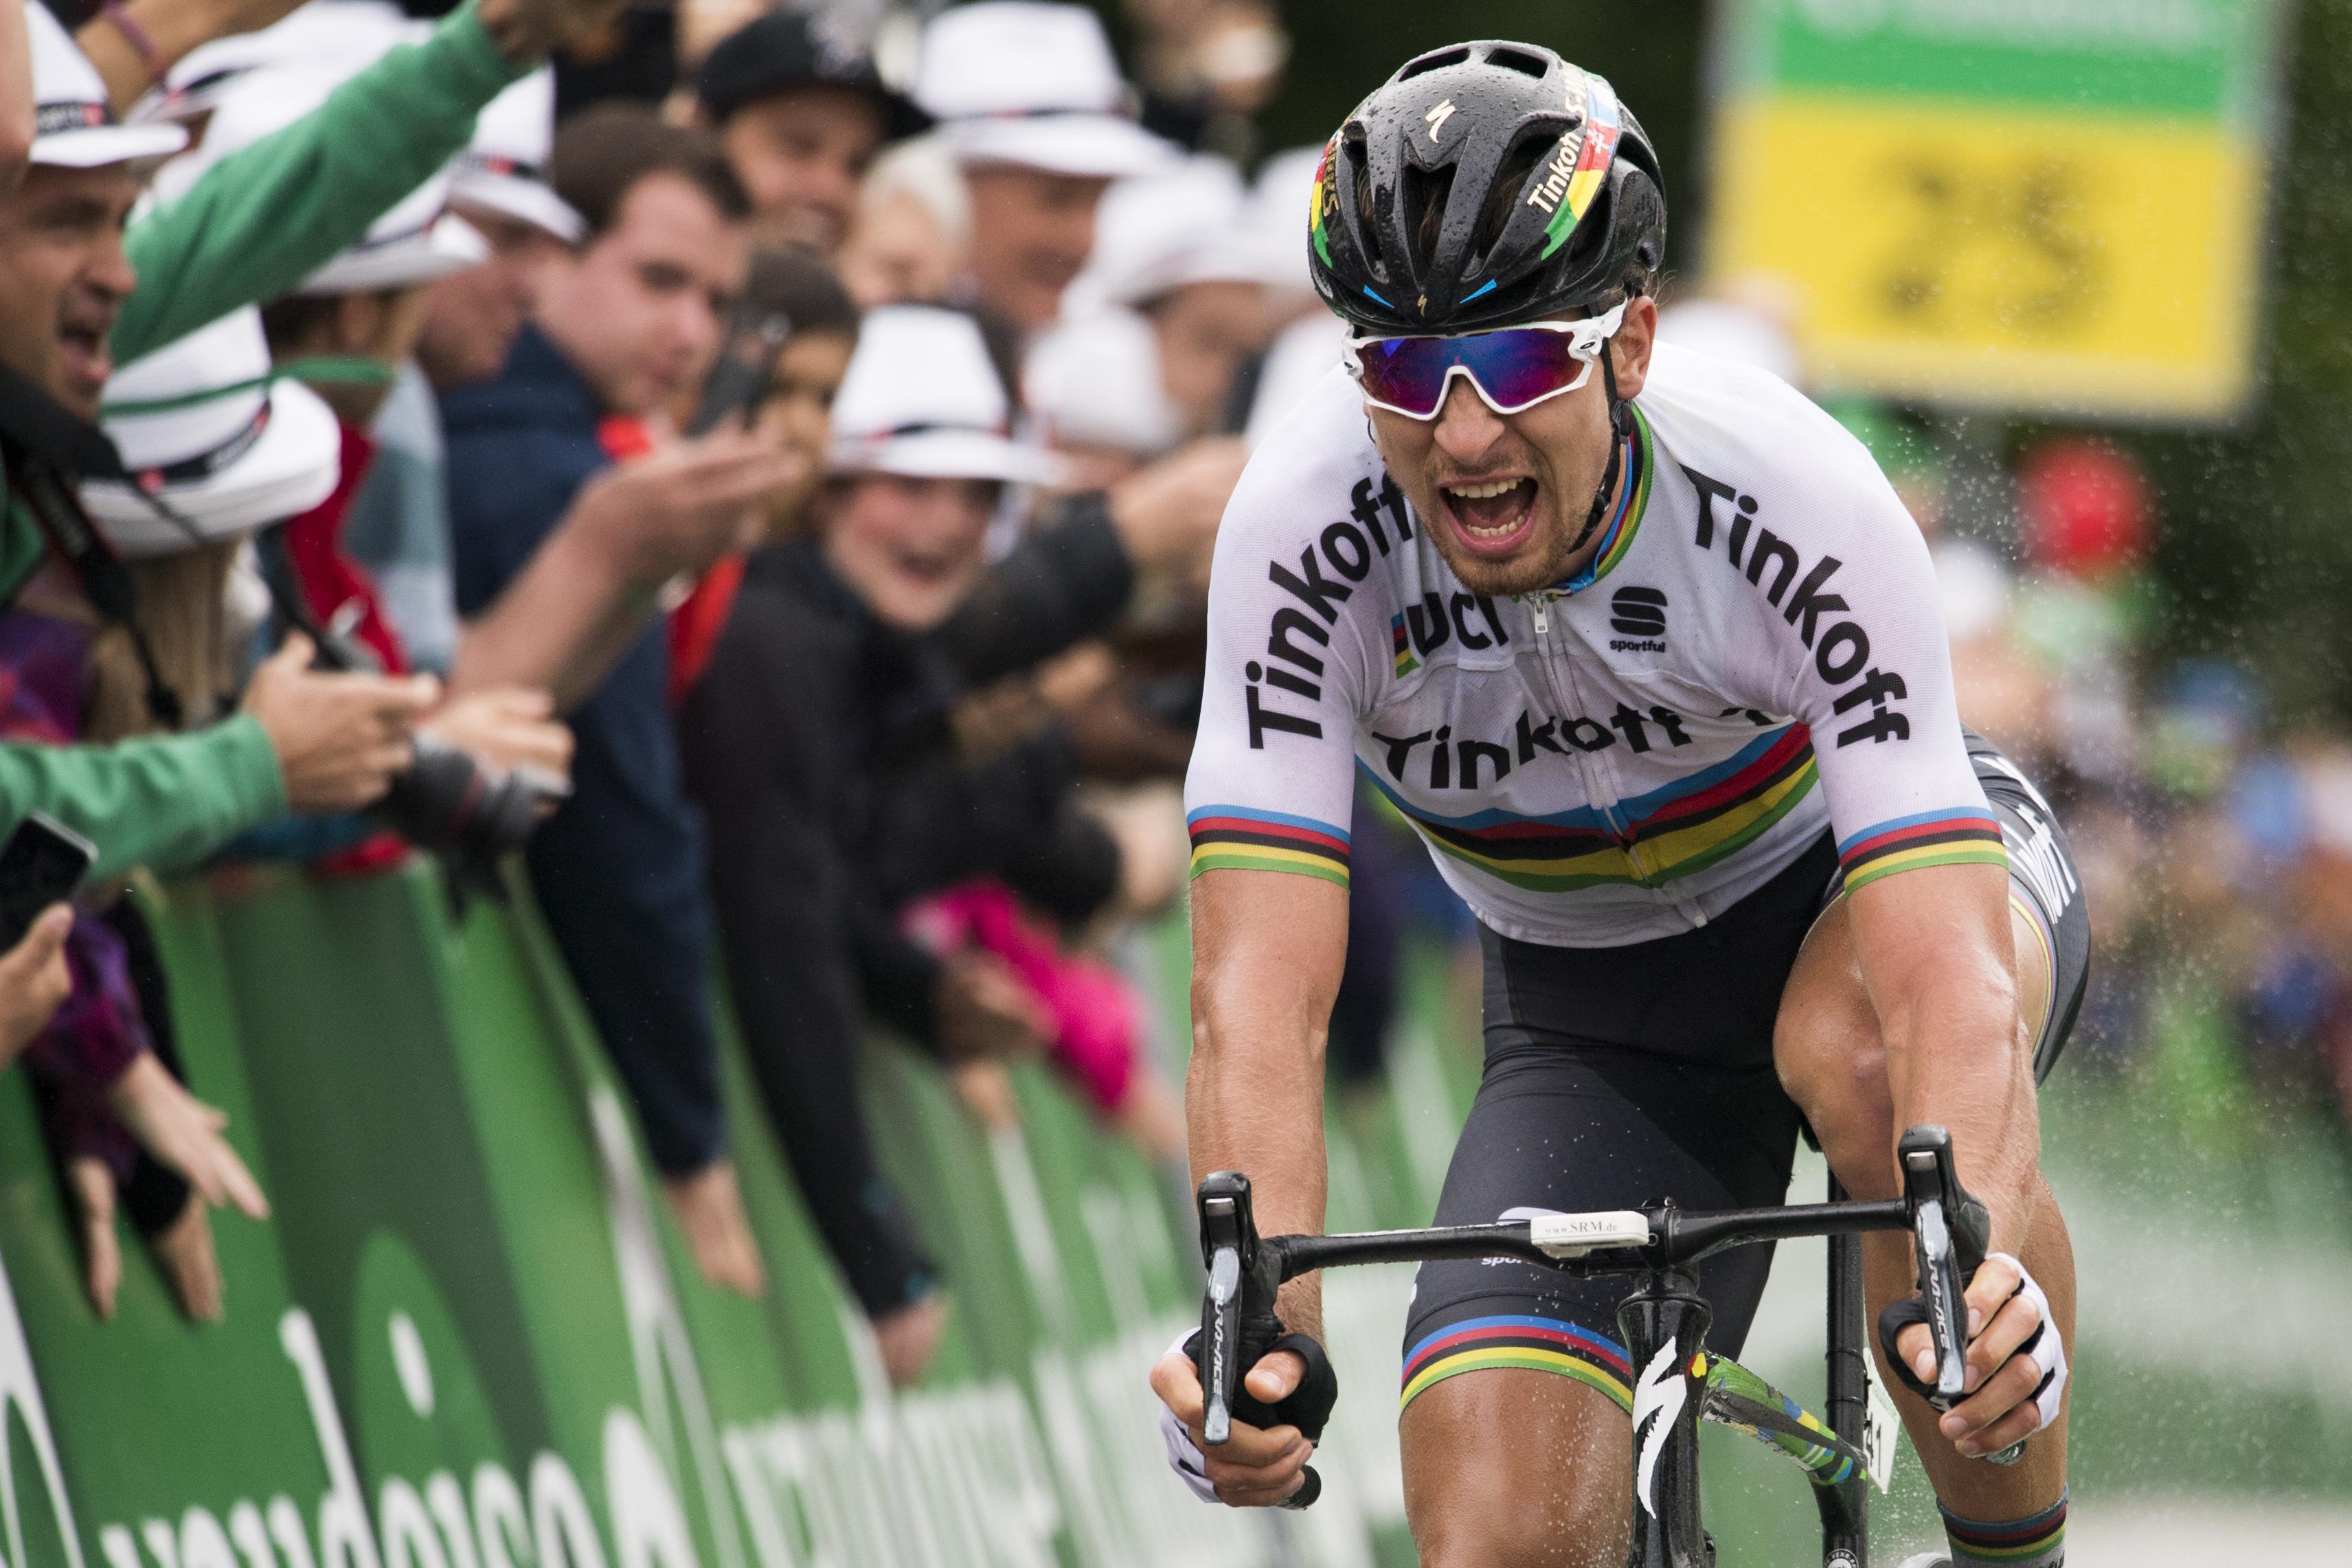 WA 25 Rheinfelden - Slovenský cyklista Peter Sagan v službách tímu Tinkoff víazí v 3. etape 80. roèníka pretekov Okolo Švajèiarska, ktorá viedla z Grosswangenu do Rheinfeldenu v pondelok 13. júna 2016. Sagan si pripísal v pretekoch druhé etapové víazstvo. Úradujúci svetový šampión sa vïaka bonifikácii za víazstvo vyšvihol do èela priebežnej klasifikácie. FOTO TASR /AP Peter Sagan from Slovakia of team Tinkoff wins the 3rd stage, a 192,6 km race from Grosswangen to Rheinfelden, Switzerland, at the Tour de Suisse UCI ProTour cycling race, in Rheinfelden, Switzerland on Monday, June 13, 2016. (Gian Ehrenzeller/Keystone via AP)